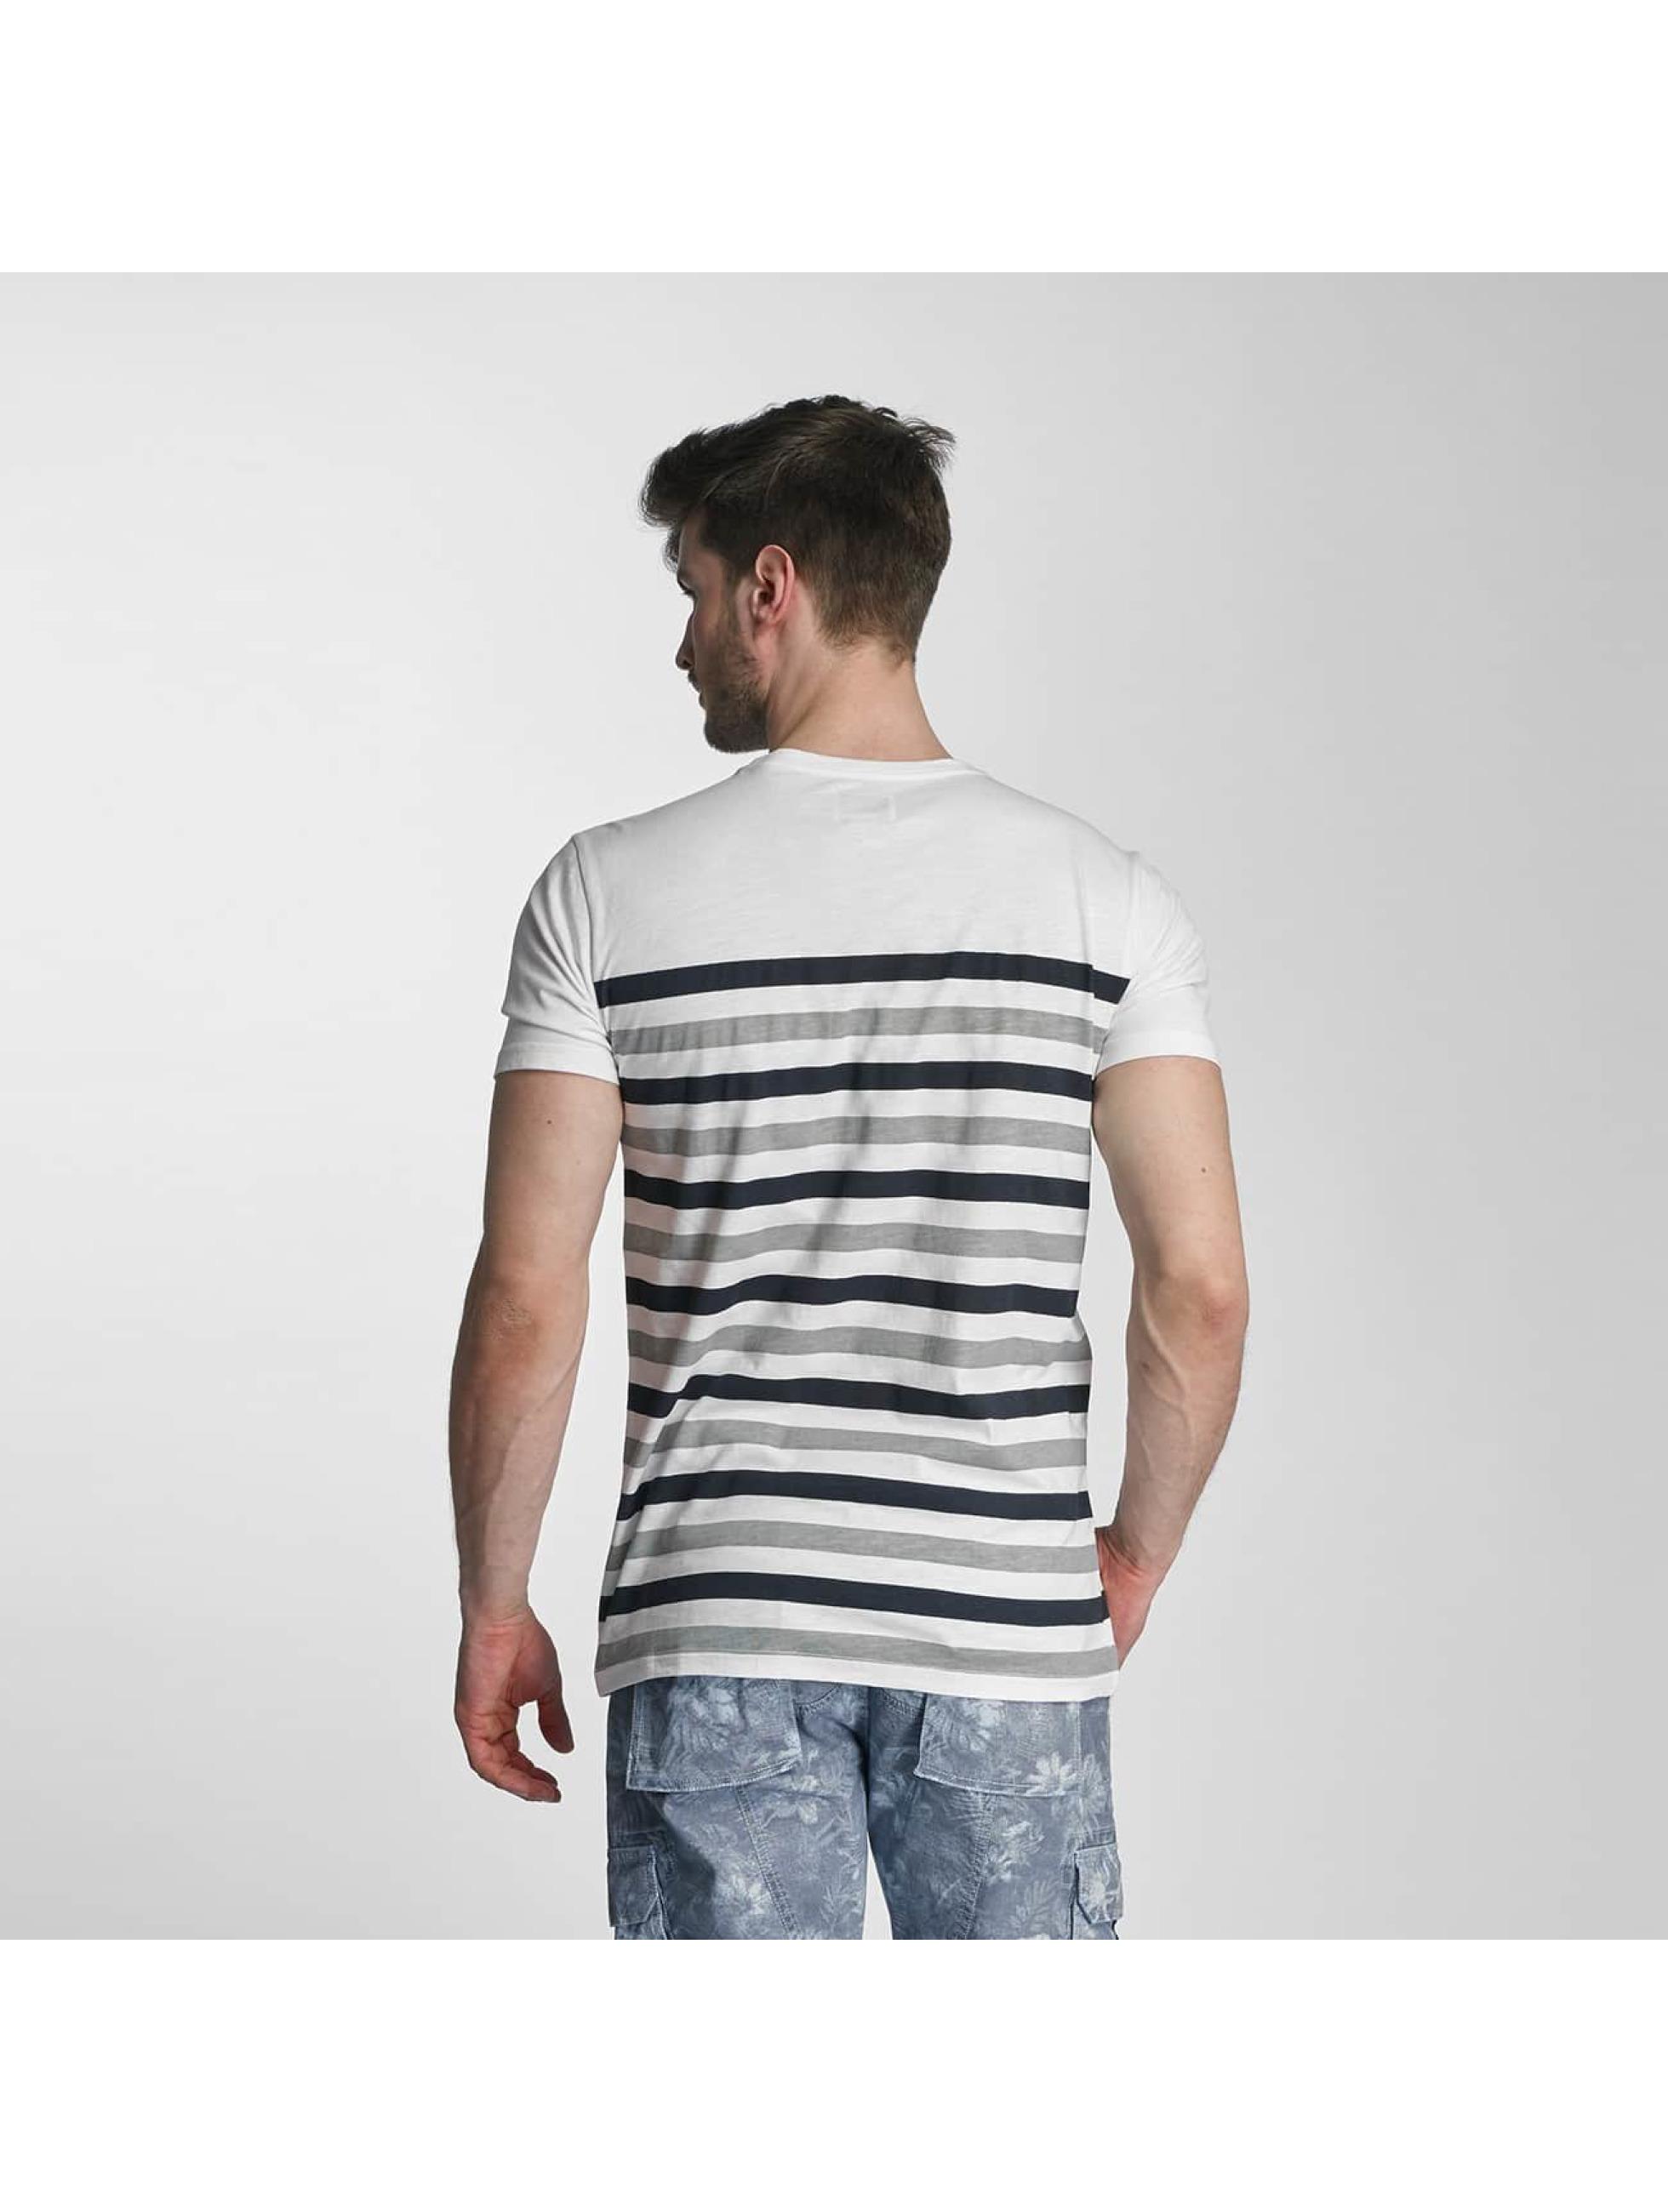 SHINE Original Tričká Striped šedá